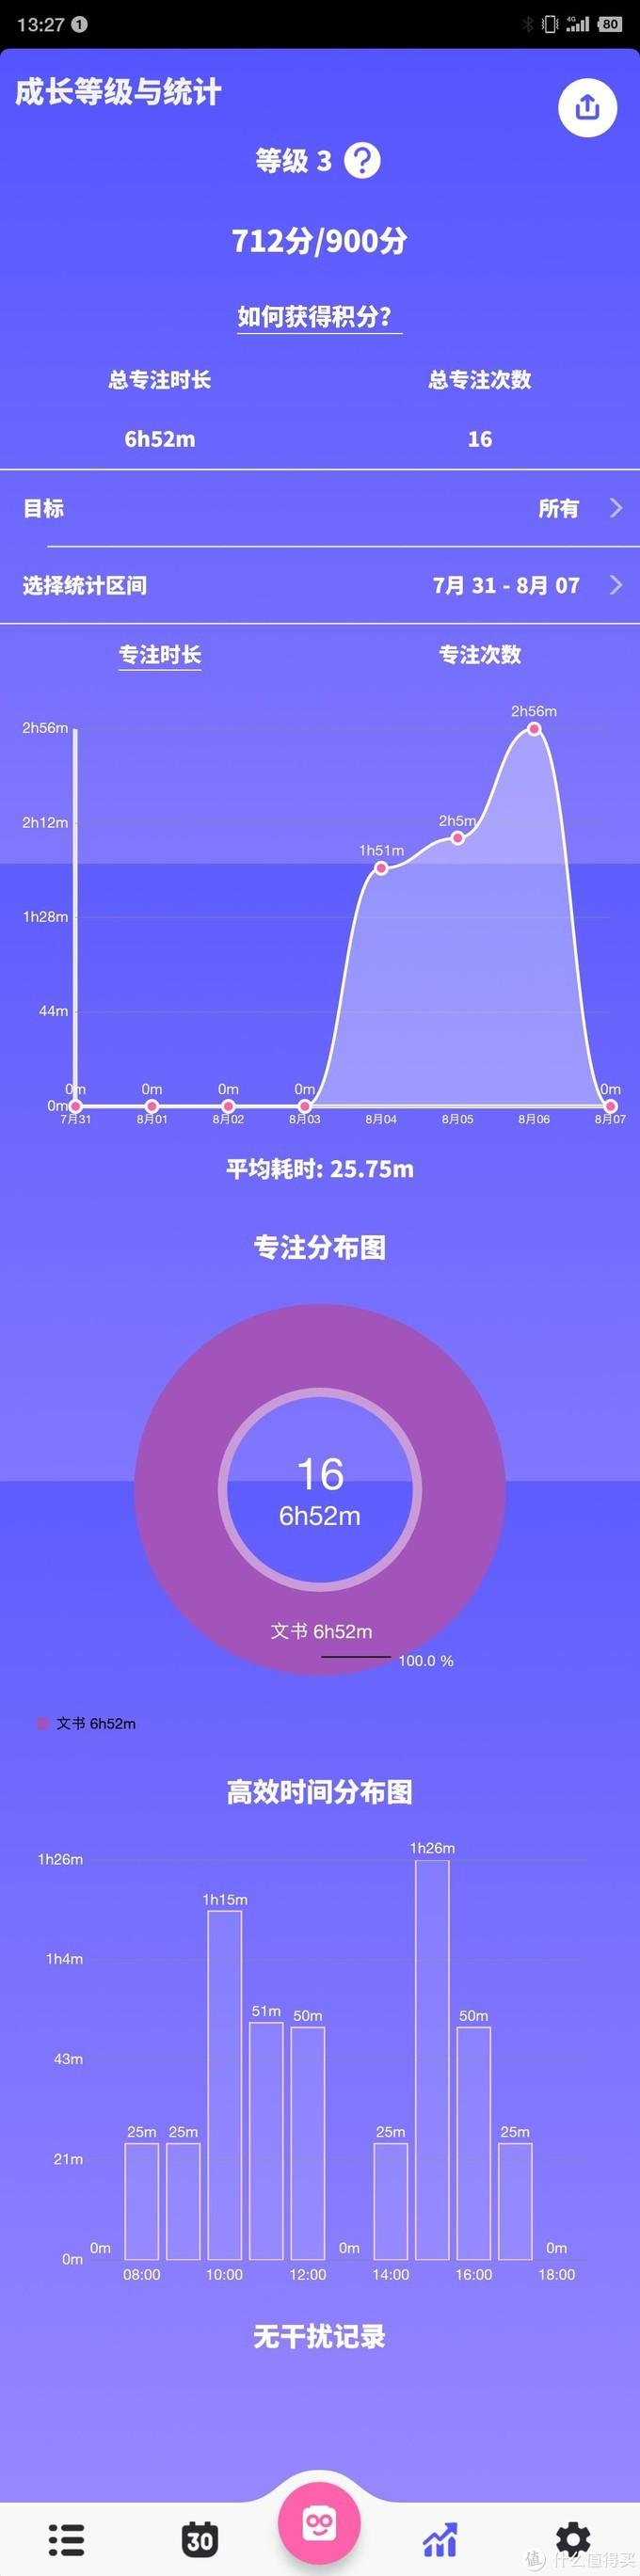 统计界面,可以看到高效工作时间、每个任务所用的时间